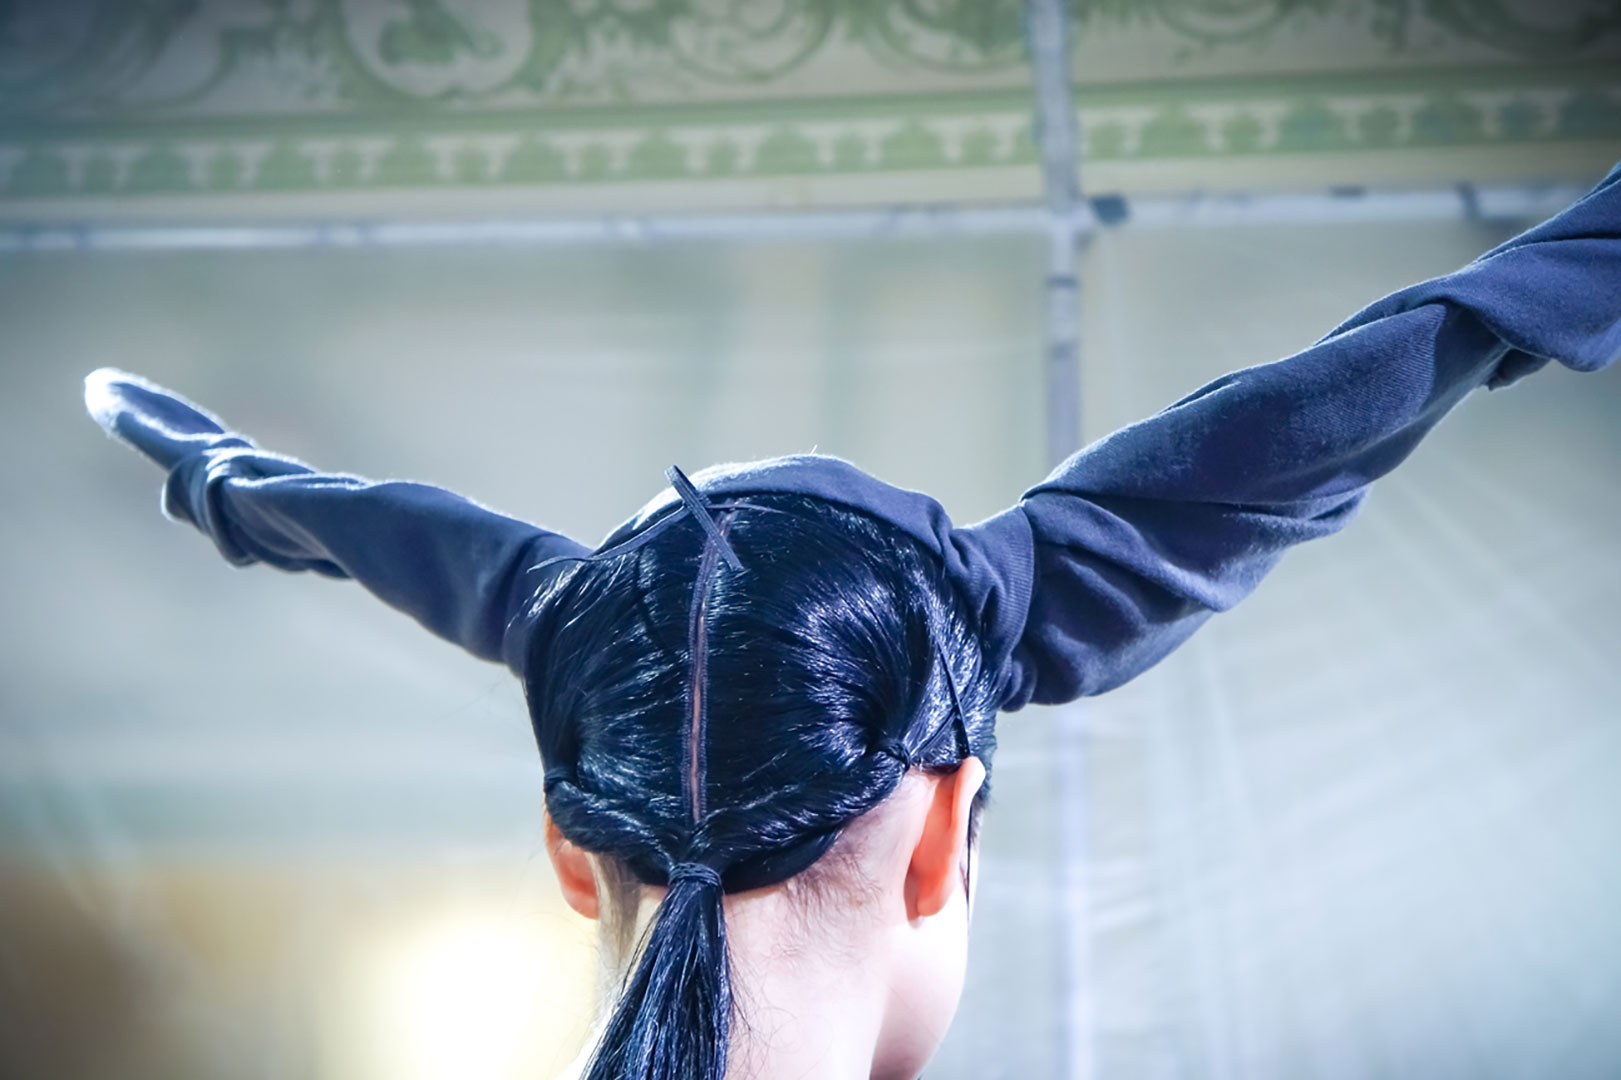 paris-fashion-week-vandevorst-fw16-photo-by-polina-paraskevopoulou-la-vie-en-blog-paris-29